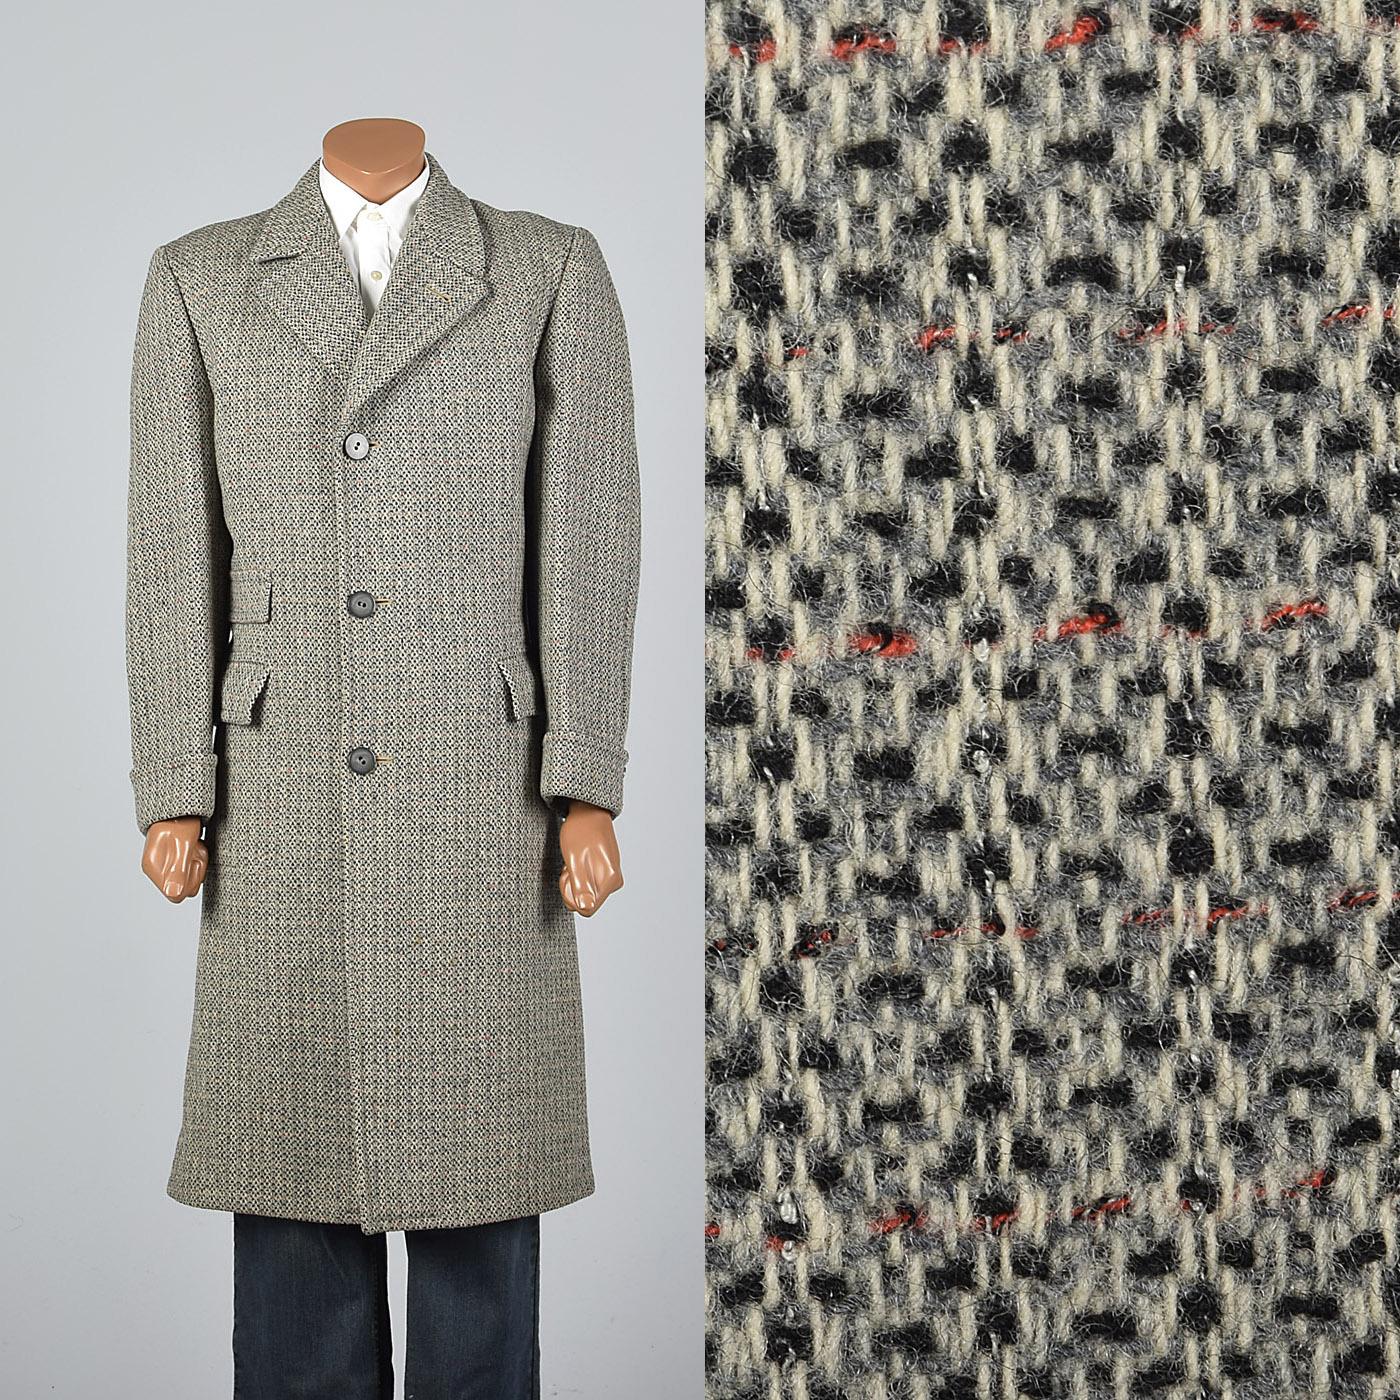 41r 1950s Mens Tweed Coat Wool Winter Overcoat Rockabilly Midcentury